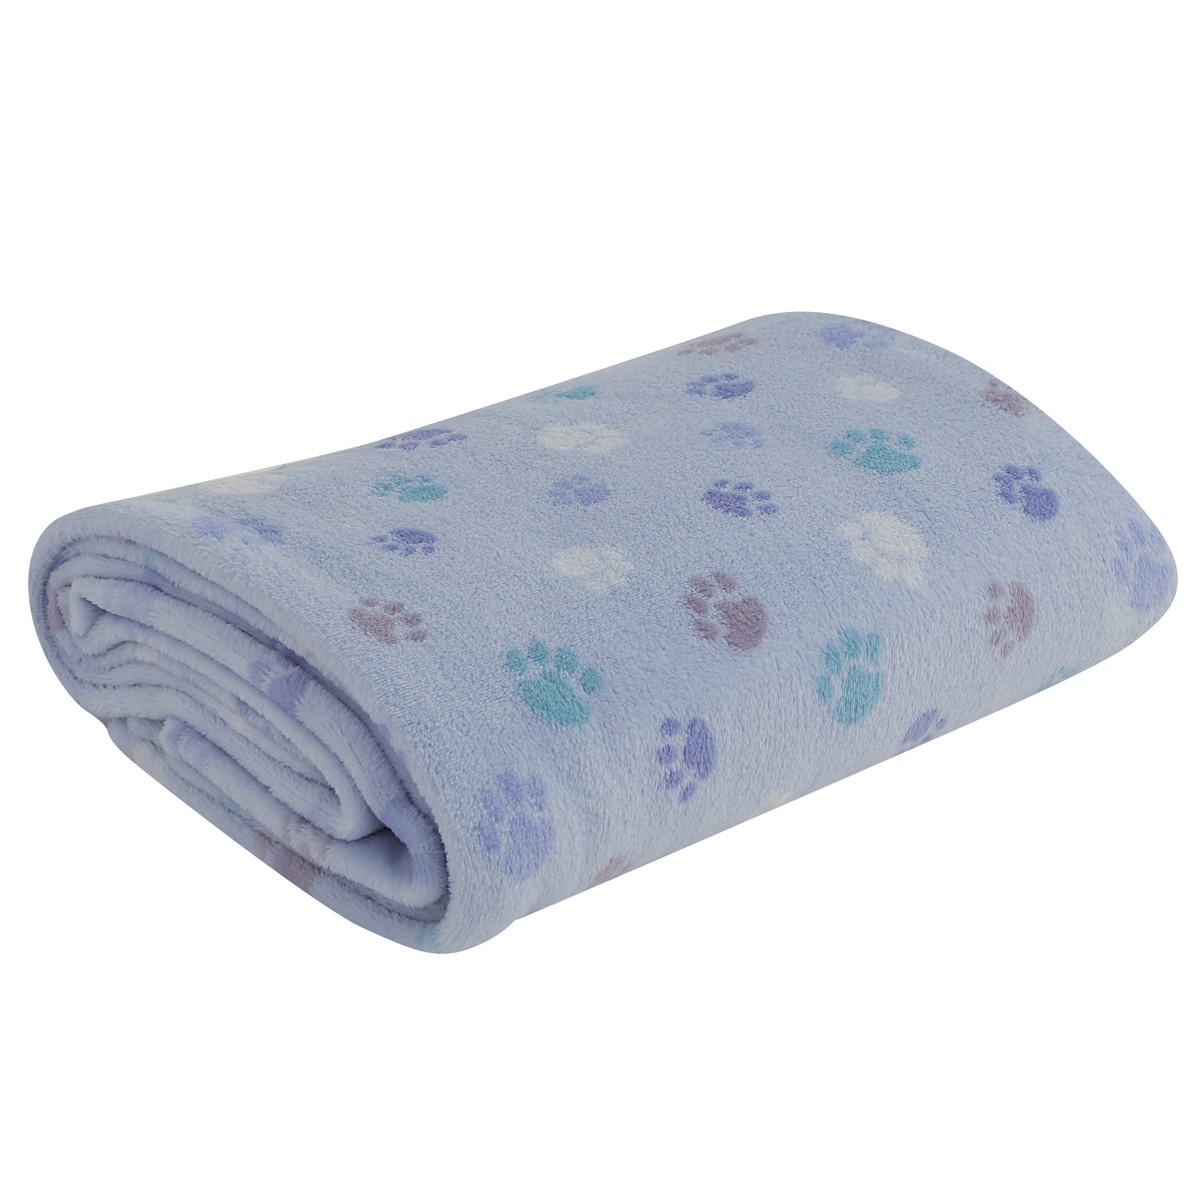 Κουβέρτα Fleece Αγκαλιάς Nef-Nef Baby Footprint Blue 76060